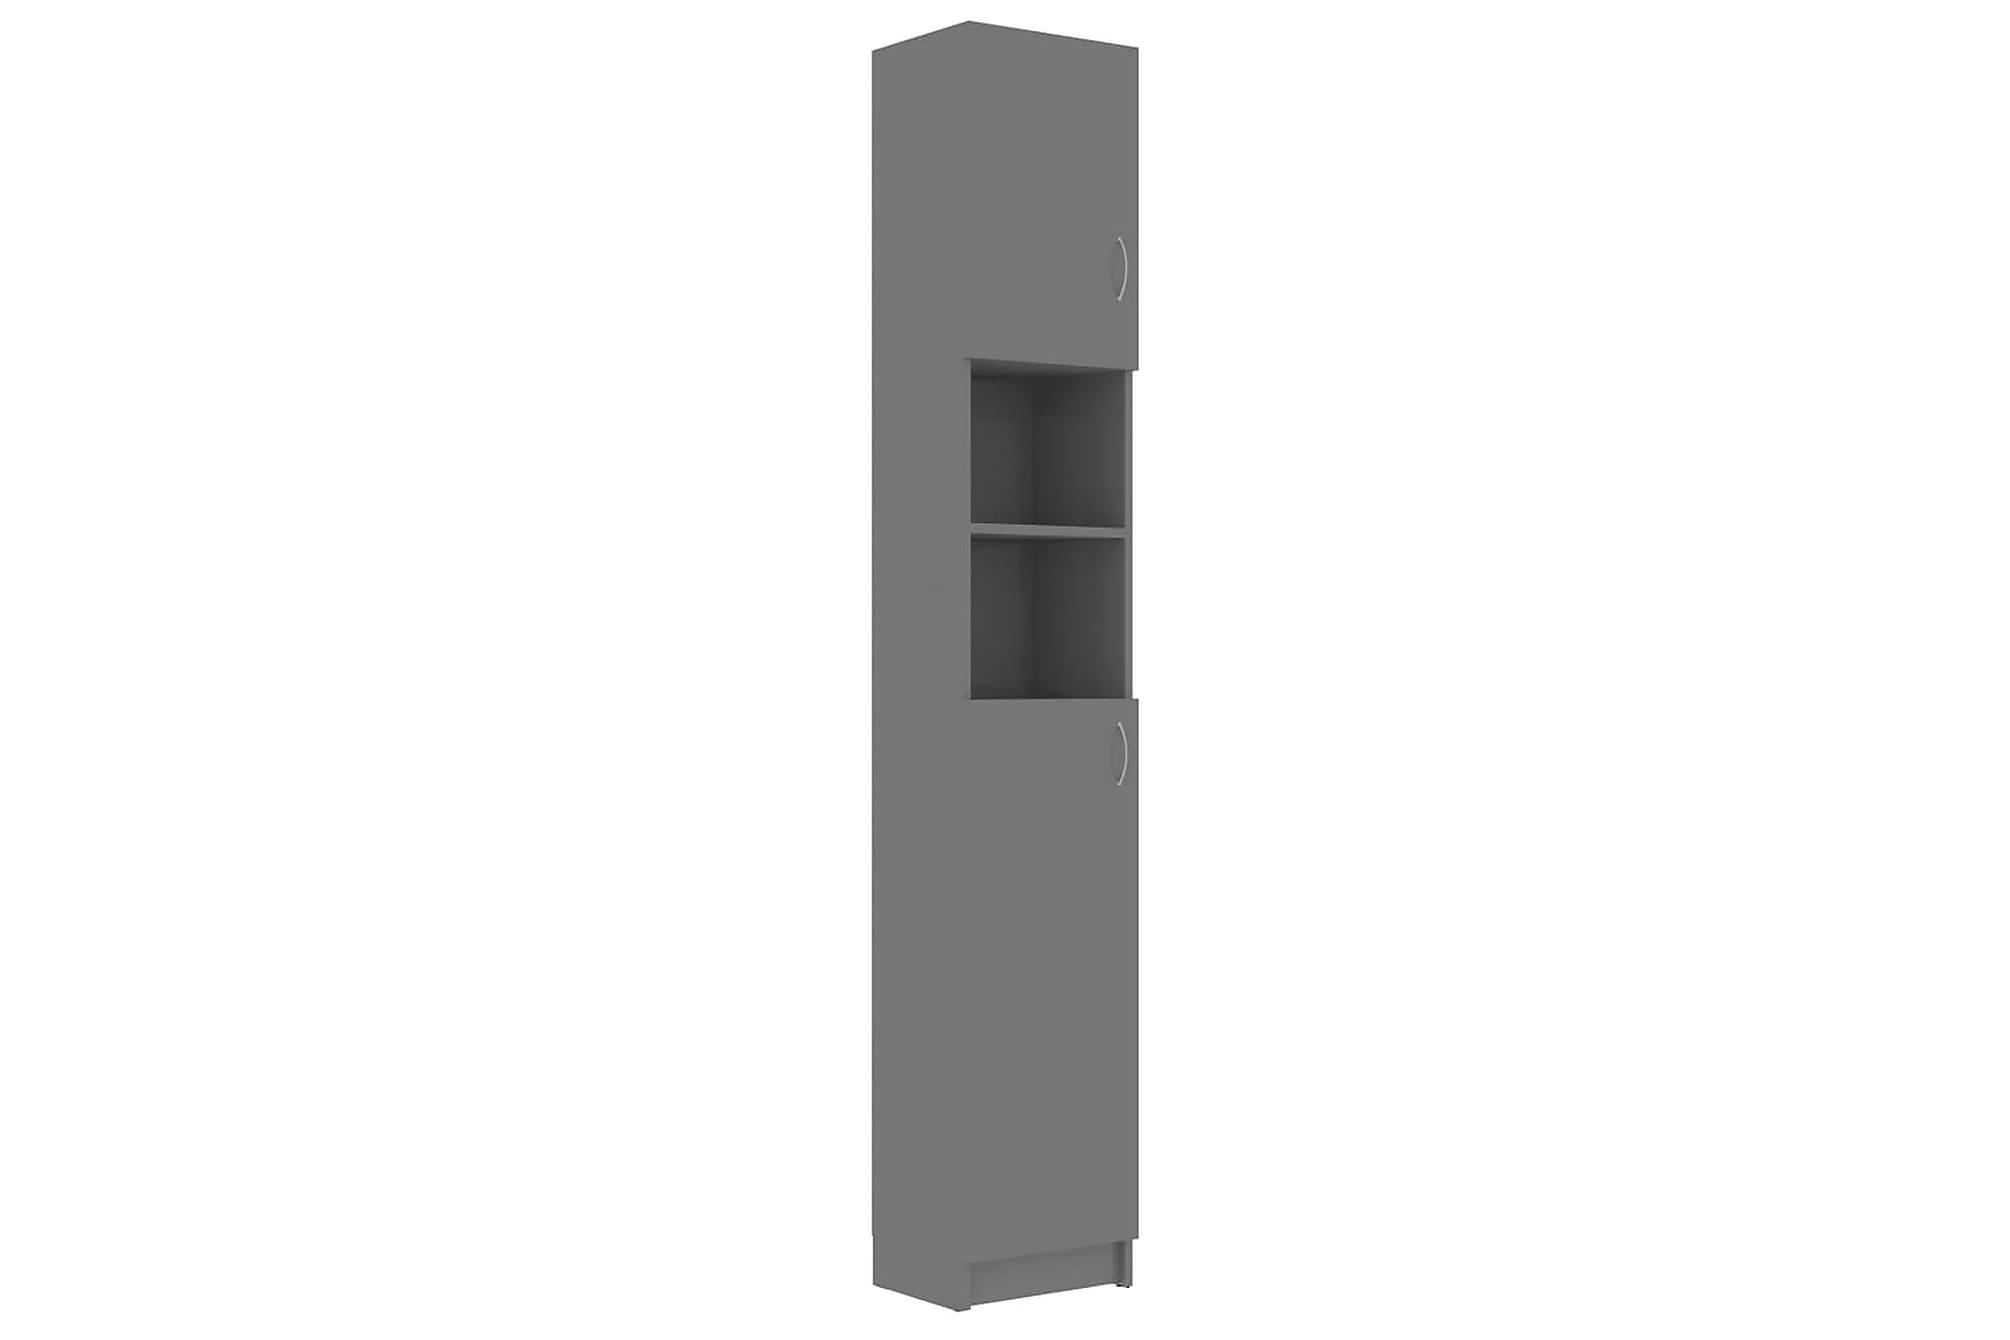 Badrumsskåp grå högglans 32x25,5x190 cm spånskiva, Förvaring